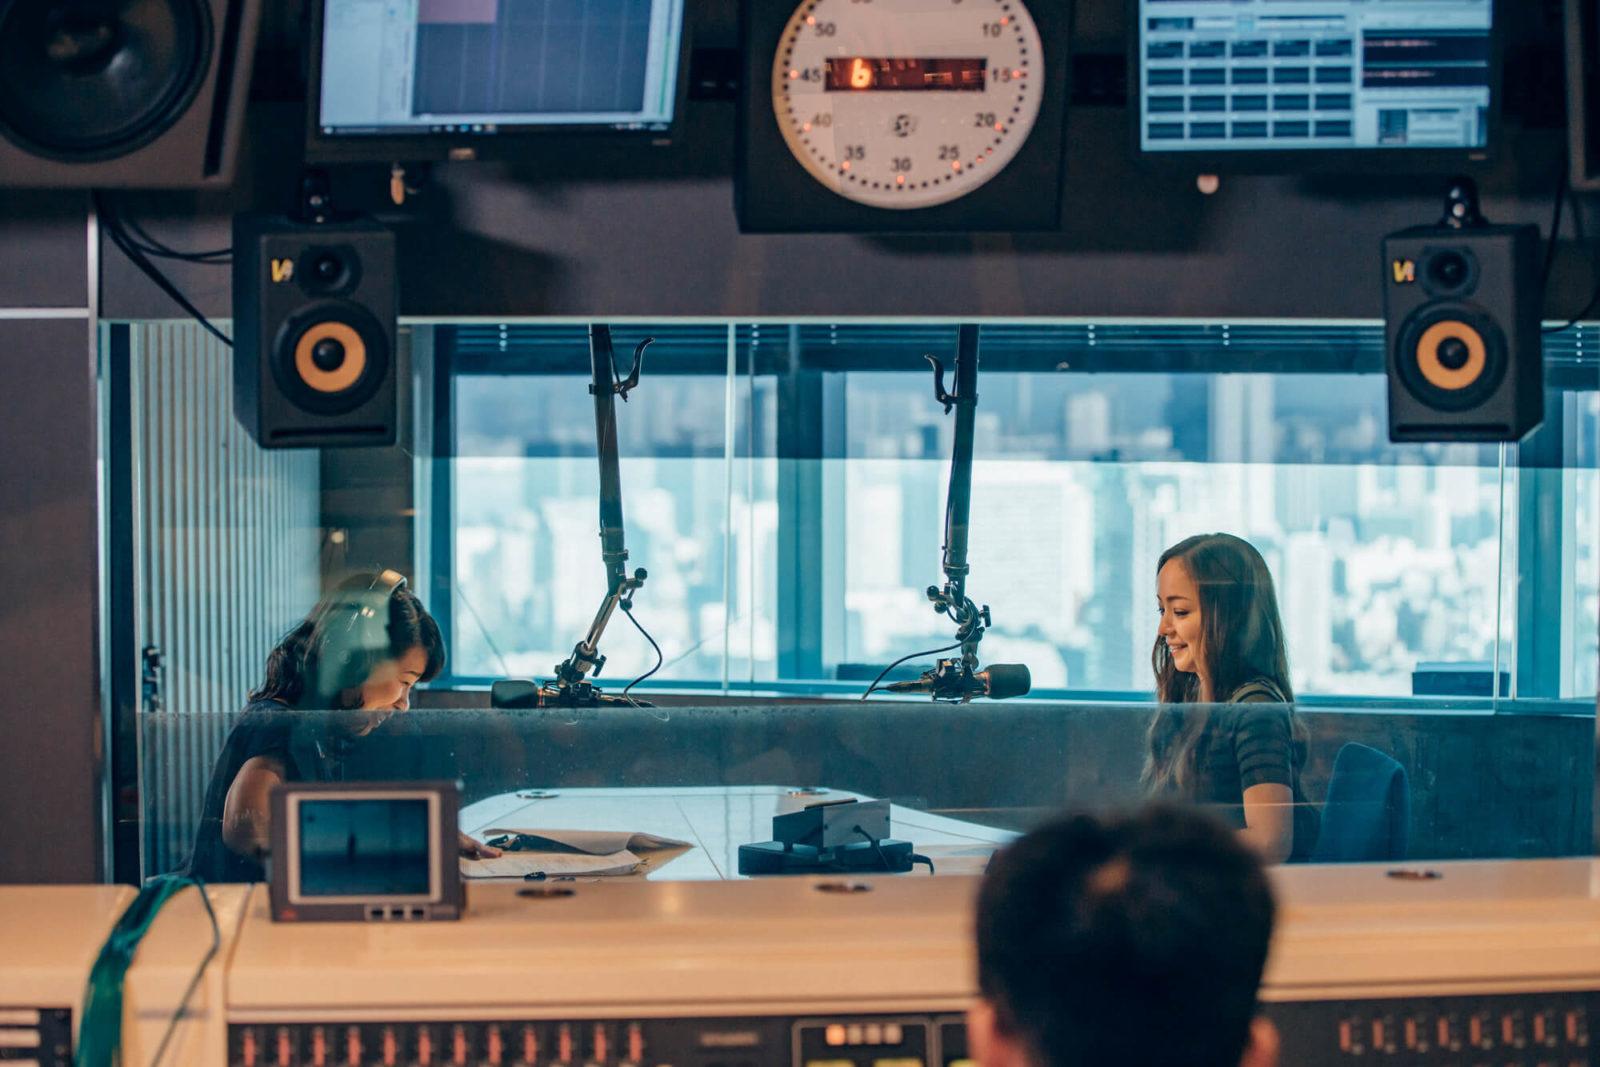 安室奈美恵出演、民放ラジオ101局特別番組「WE LOVE RADIO, WE LOVE AMURO NAMIE」撮り下ろし写真公開